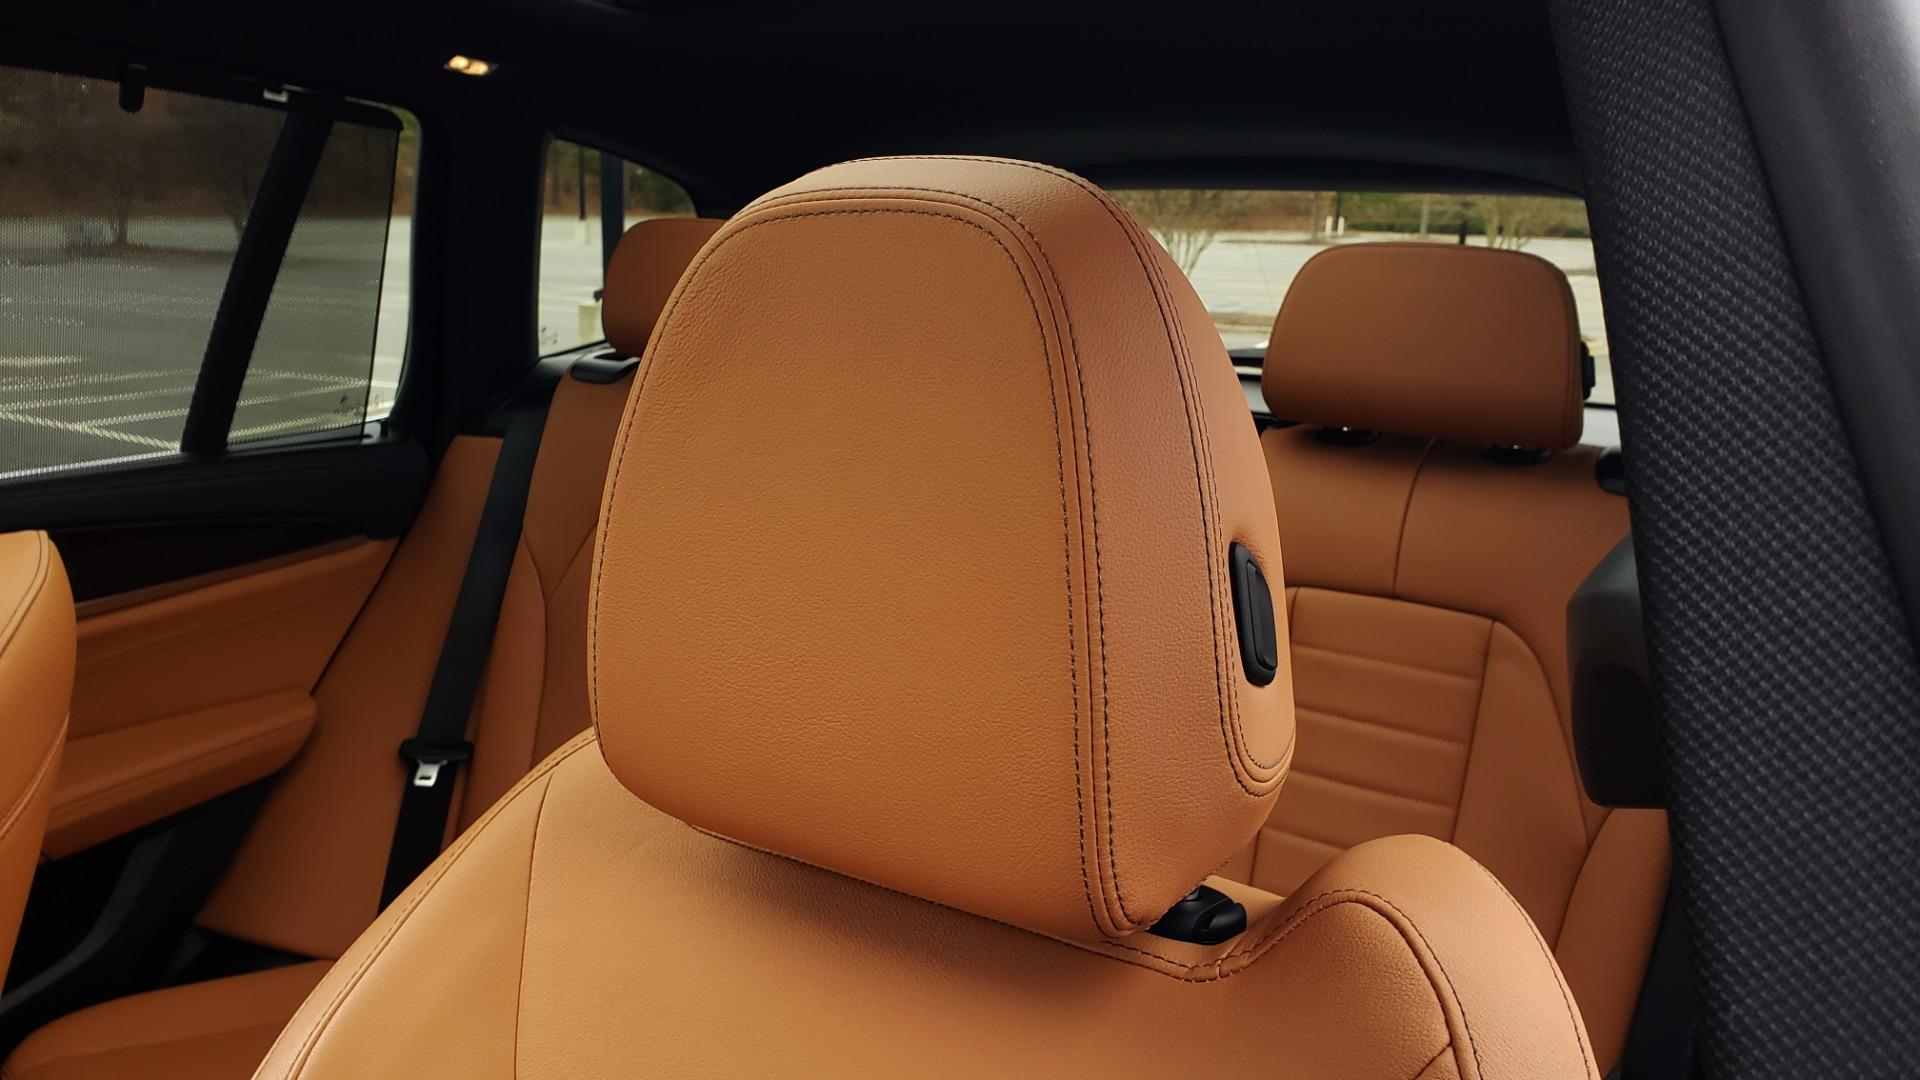 Used 2018 BMW X3 XDRIVE30I / LUX PKG / PREM PKG / CONV PKG / PDC / APPLE CARPLAY for sale Sold at Formula Imports in Charlotte NC 28227 39